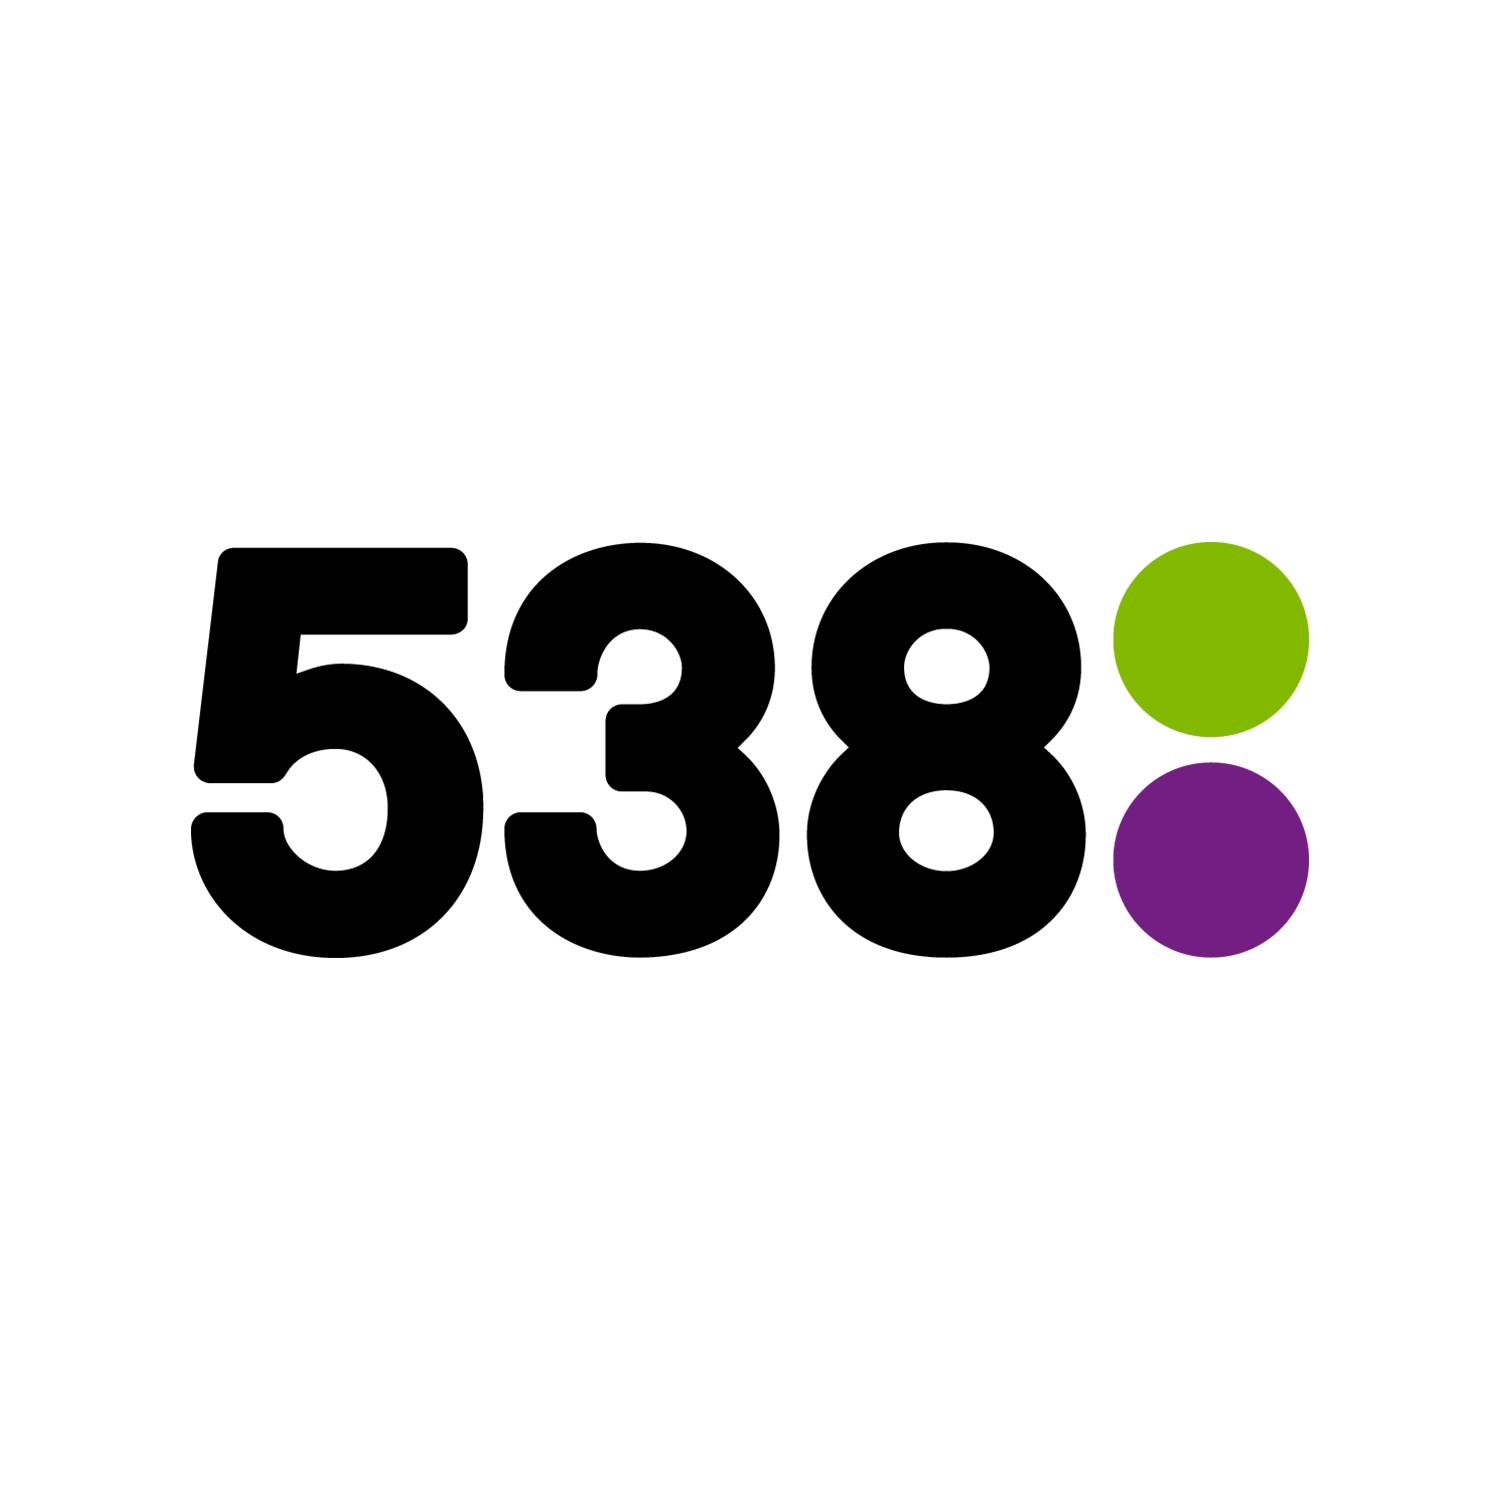 RADIO = 538